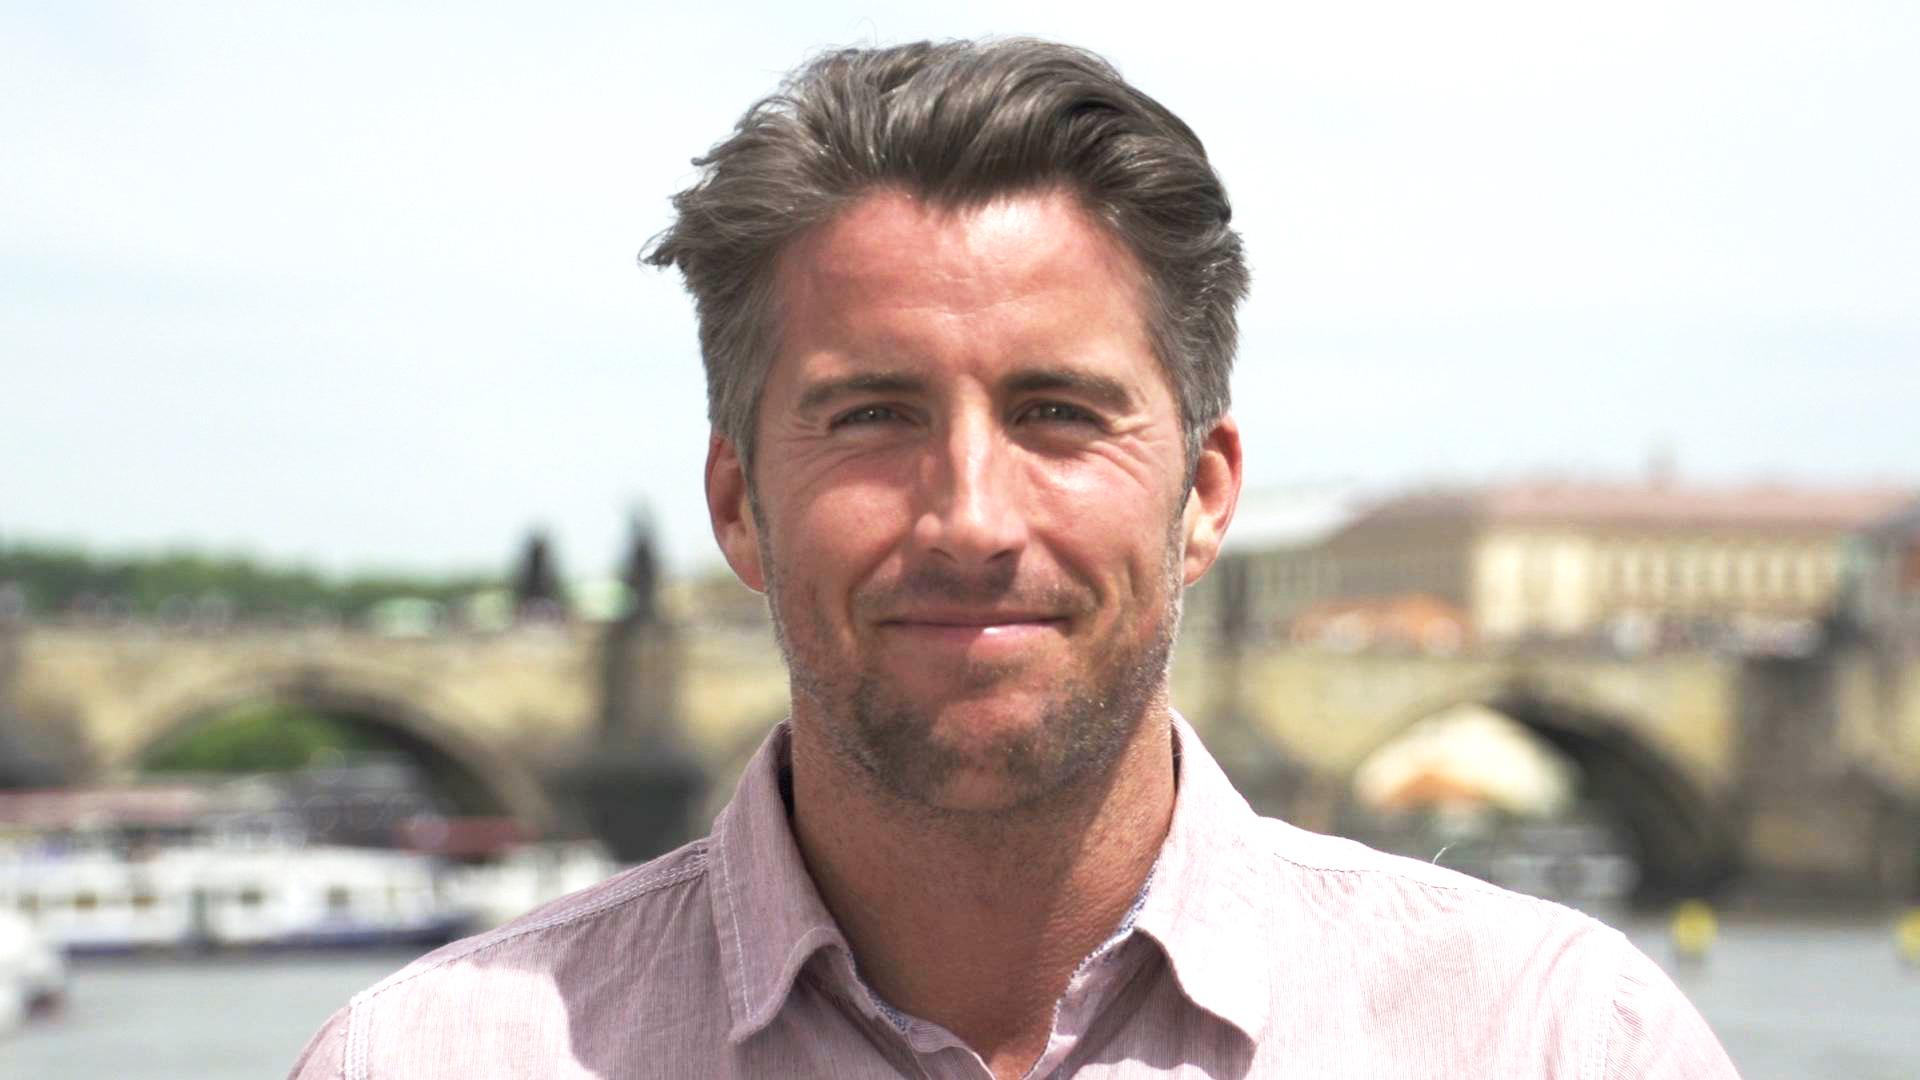 Joel Einhorn